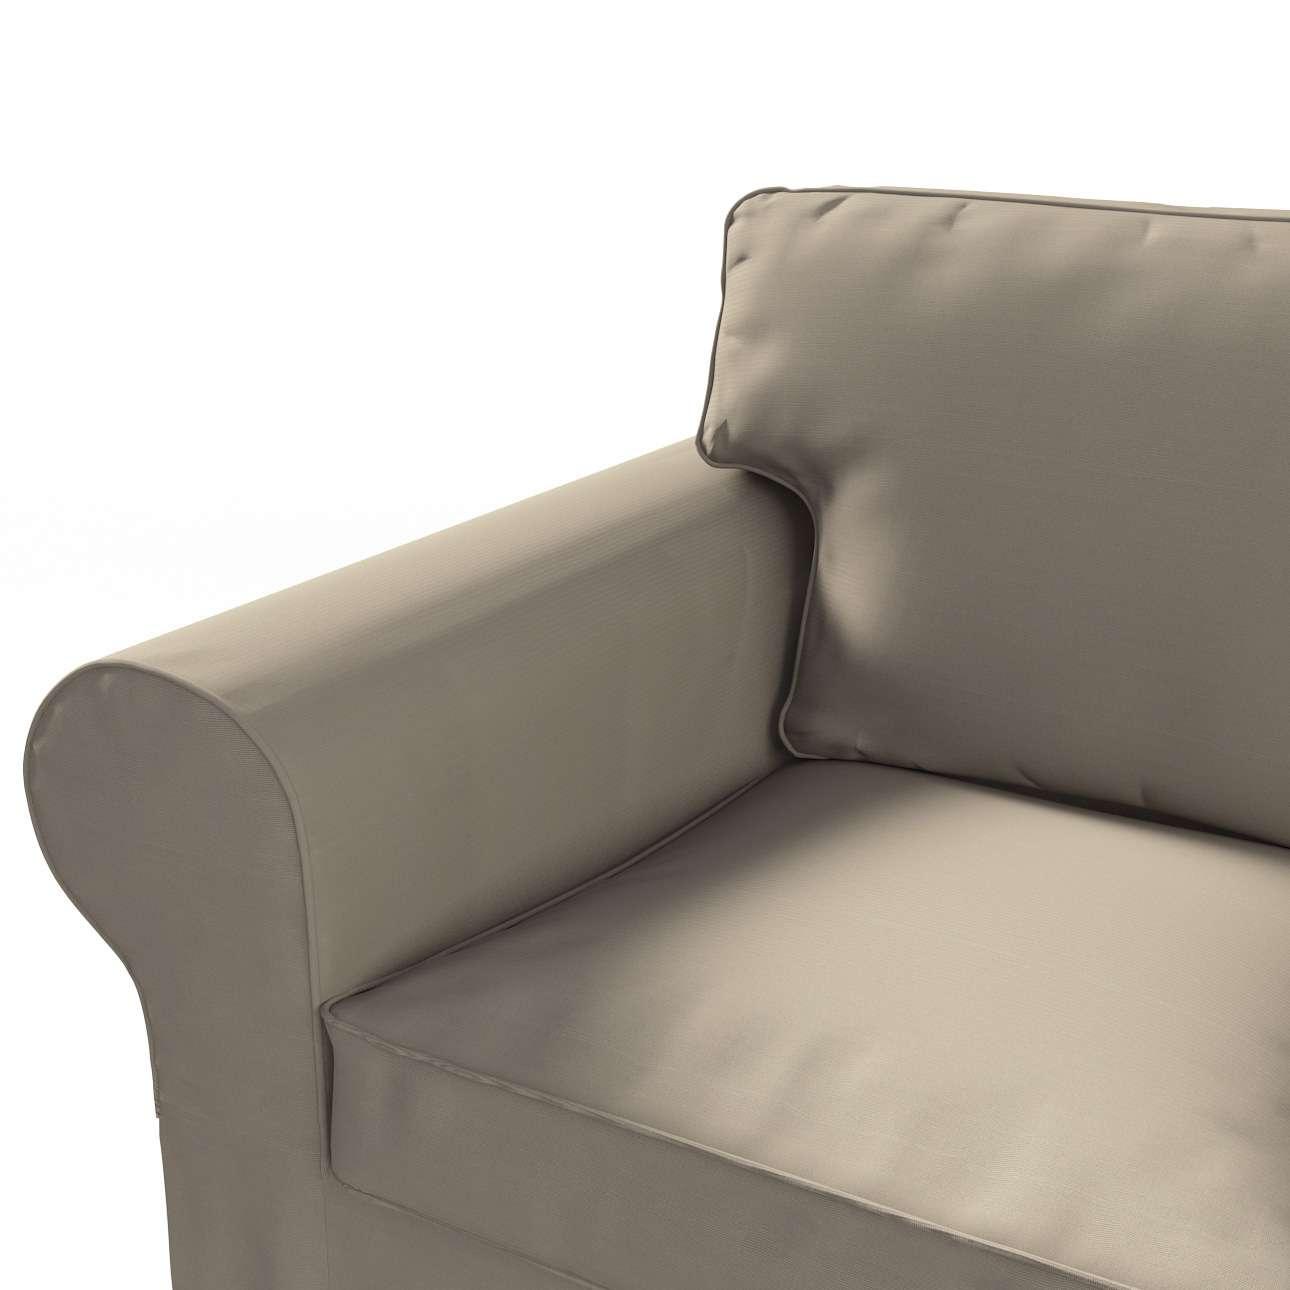 Ektorp trivietės sofos-lovos užvalkalas Ektorp trivietė sofa-lova kolekcijoje Cotton Panama, audinys: 702-28